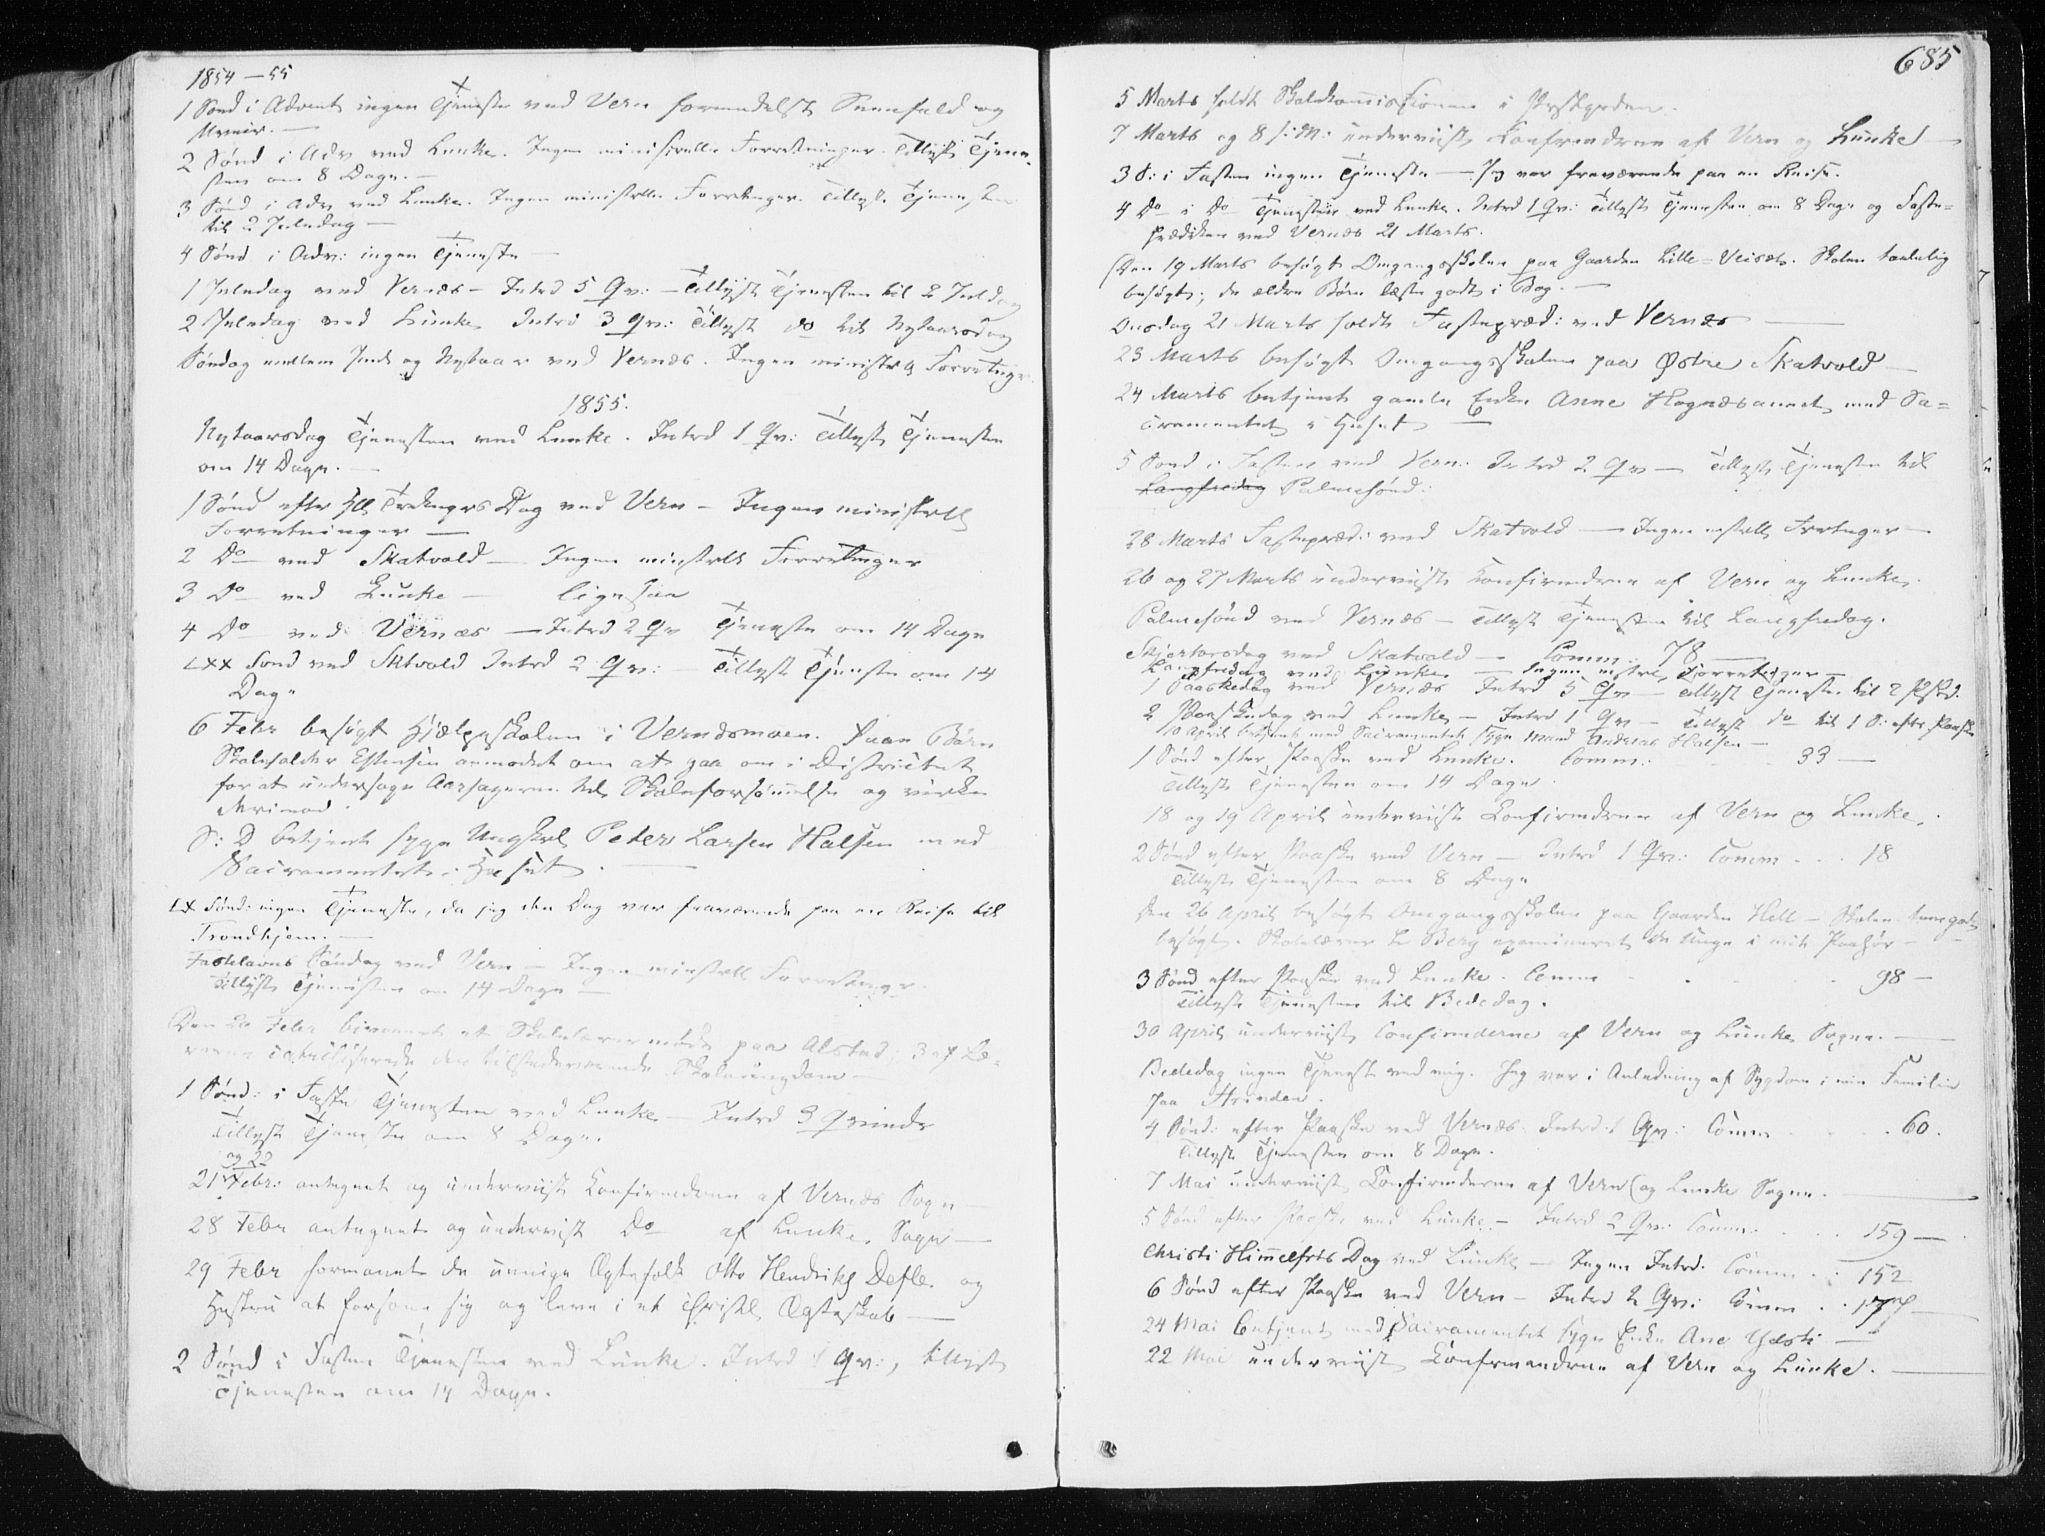 SAT, Ministerialprotokoller, klokkerbøker og fødselsregistre - Nord-Trøndelag, 709/L0074: Ministerialbok nr. 709A14, 1845-1858, s. 685